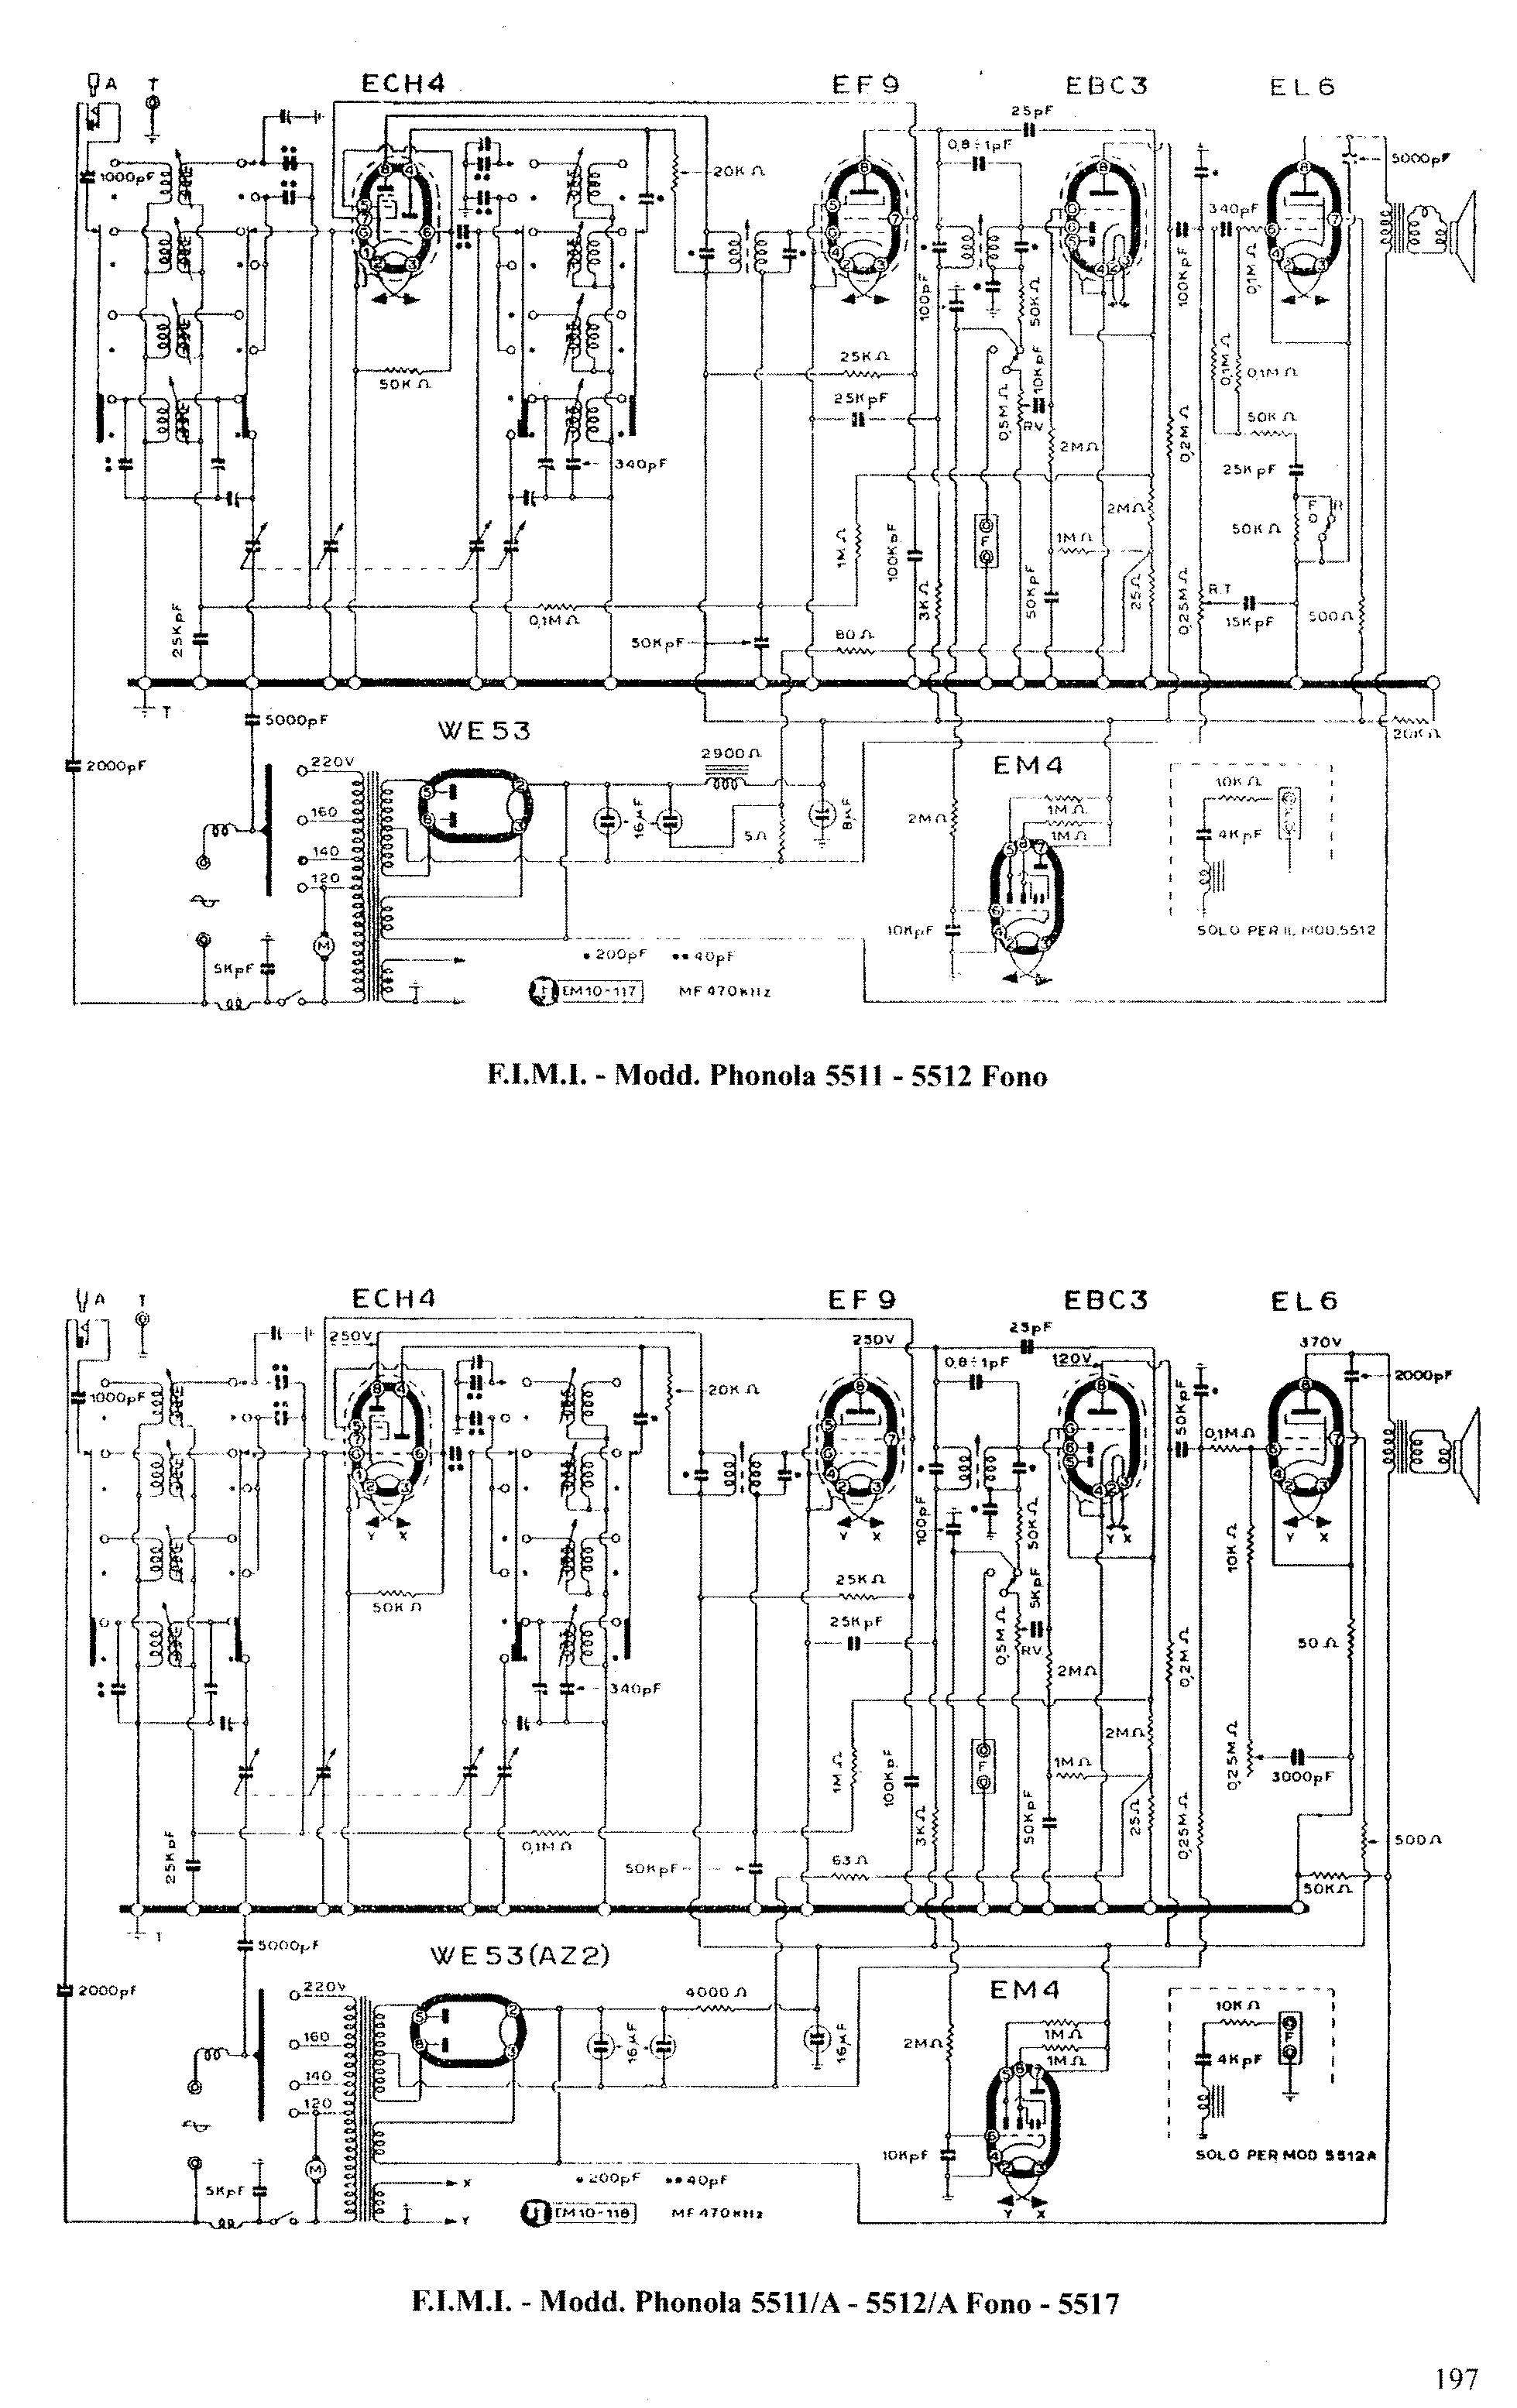 Phonola 5512 Diagram Vacuum Tube Base Diagrams